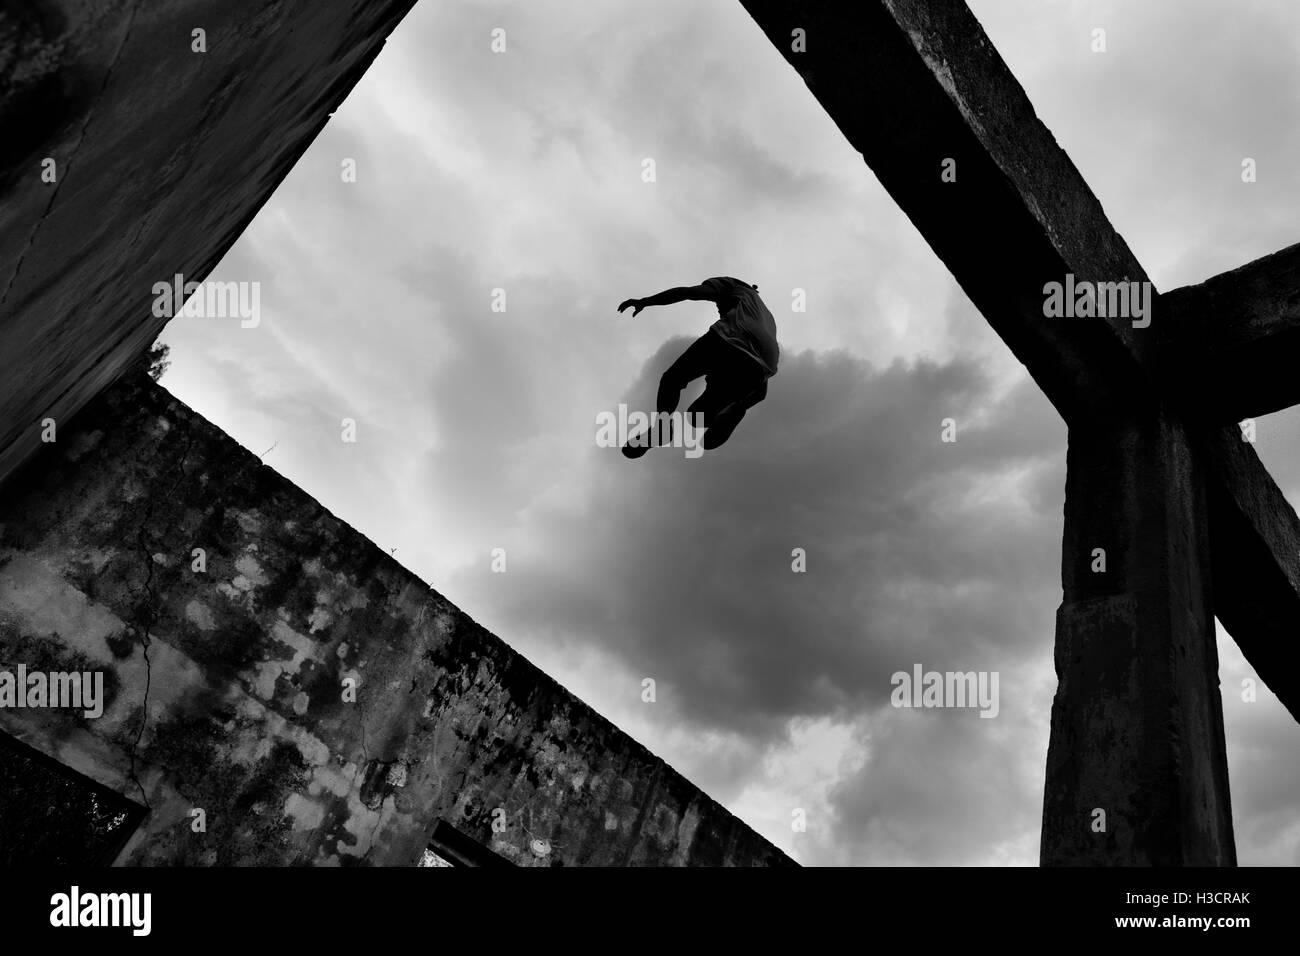 Jose Rodriguez, un freerunner de plus, l'équipe de Parkour saute du haut des murs pendant une formation à Bogotá, Banque D'Images